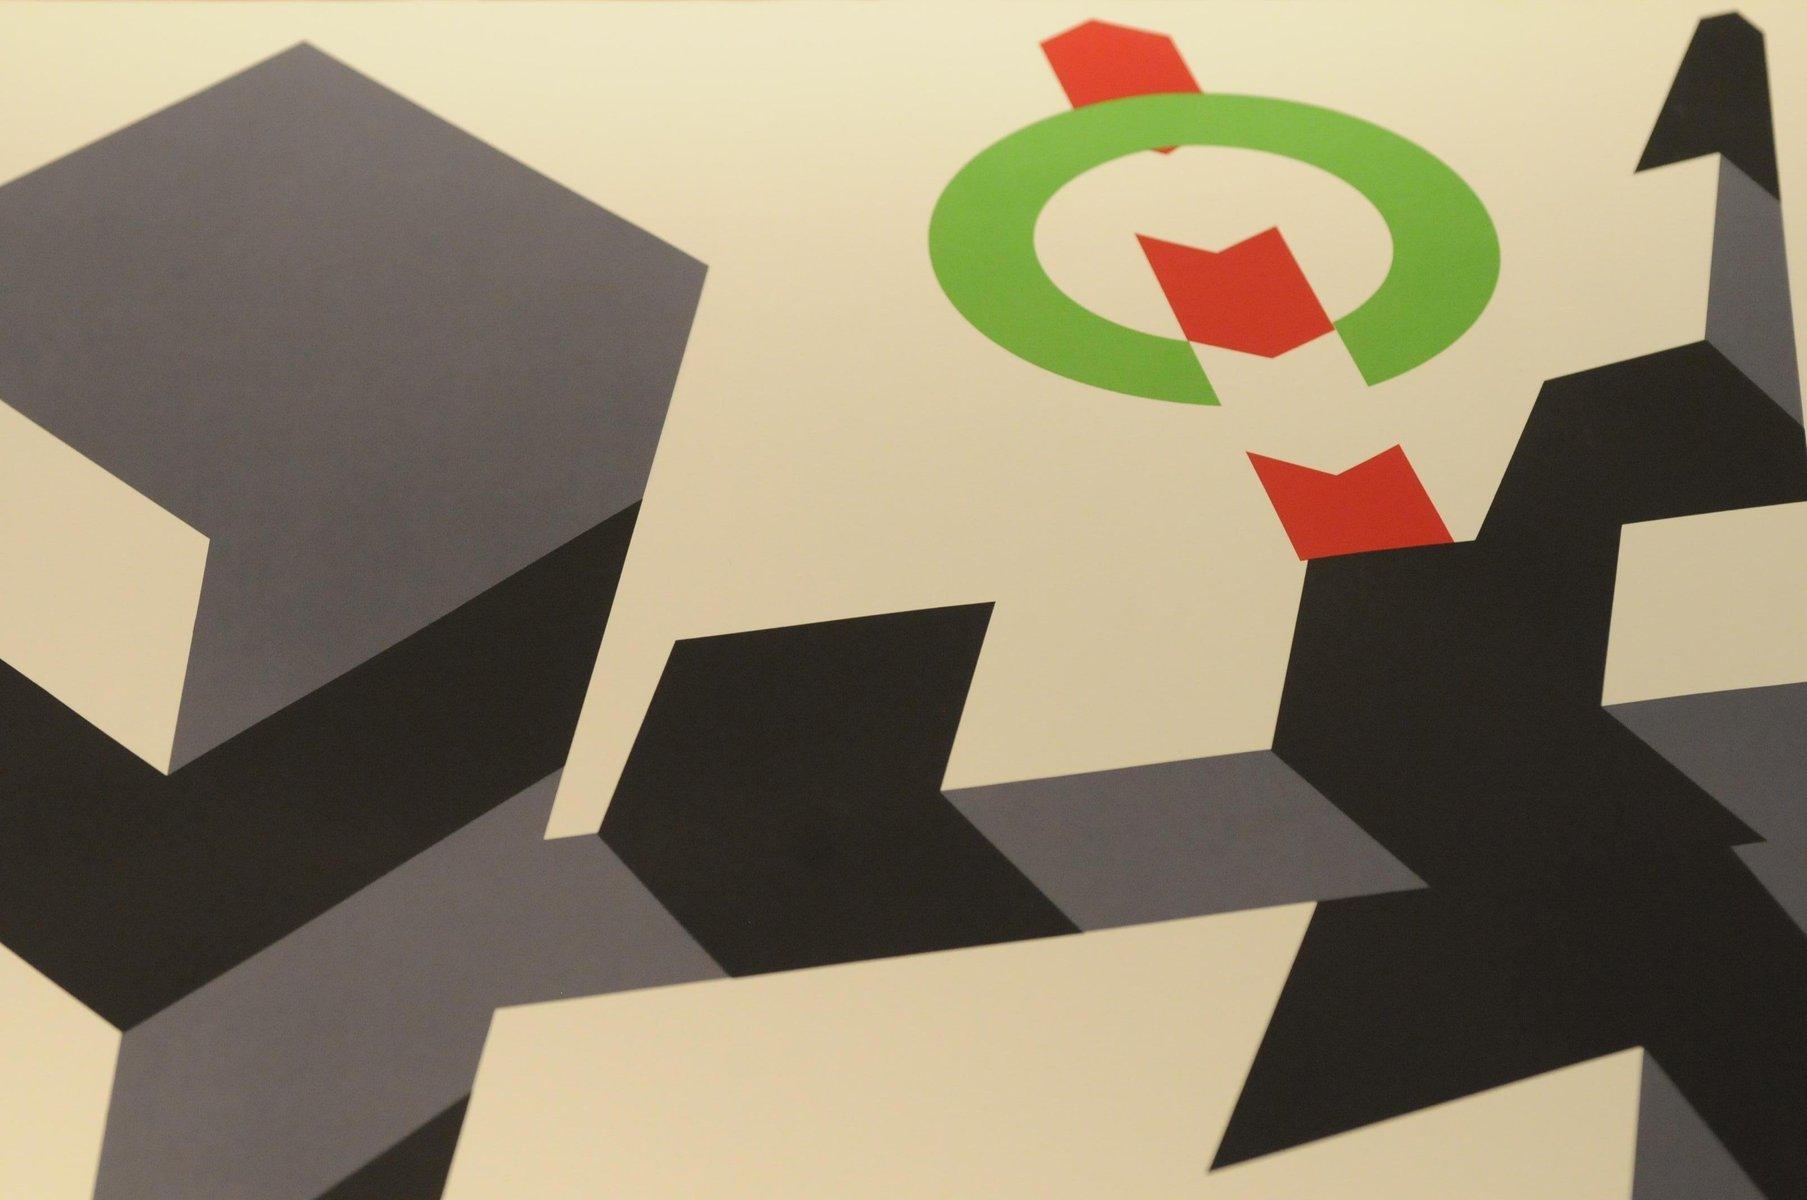 olympische spiele m nchen poster von allan d 39 arcangelo 1972 bei pamono kaufen. Black Bedroom Furniture Sets. Home Design Ideas